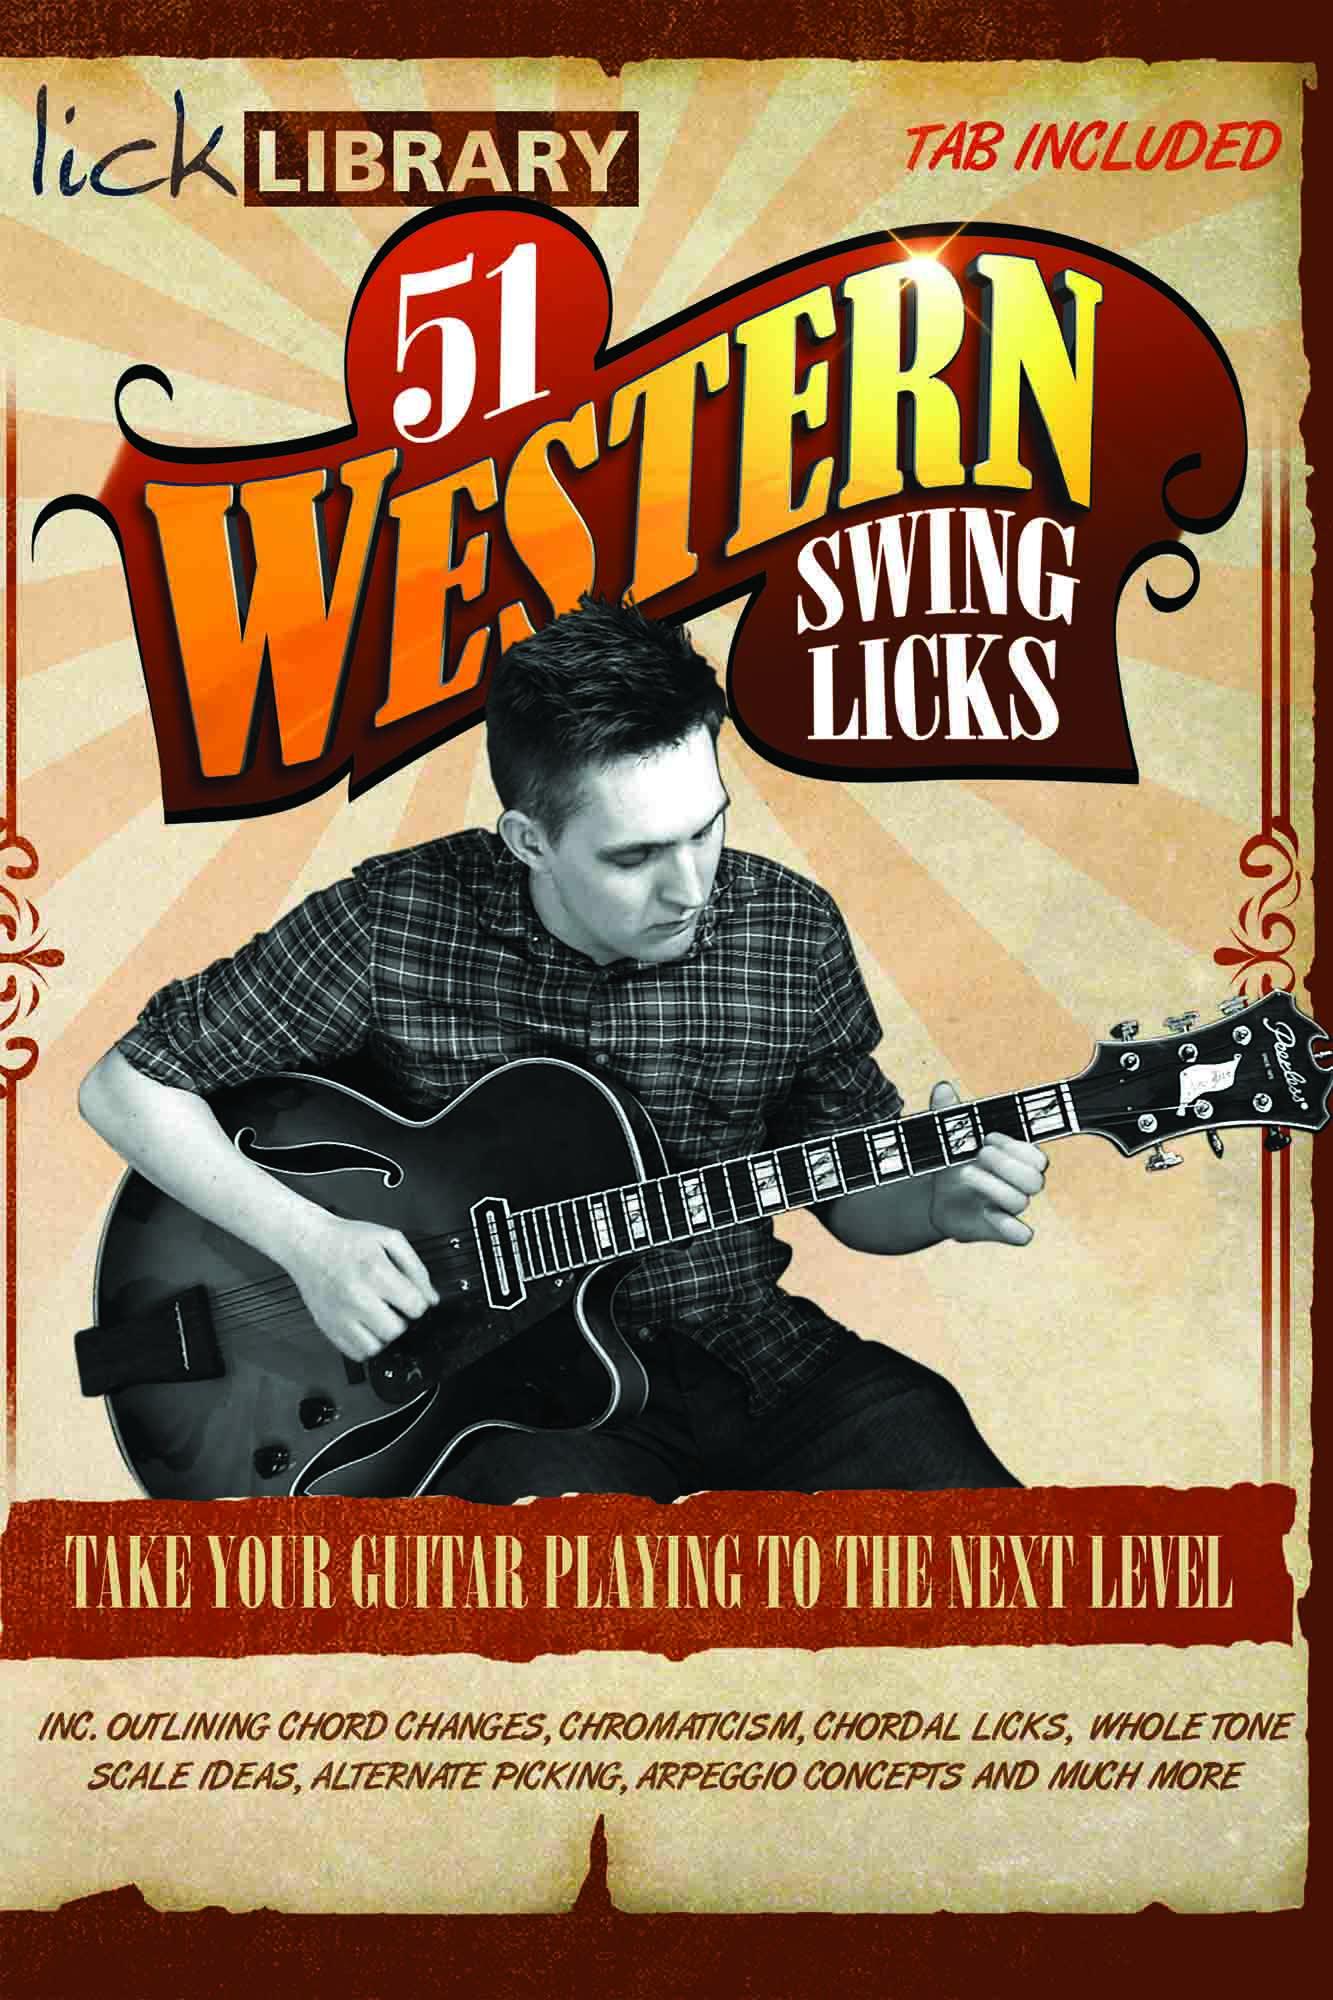 51 Western Swing Licks